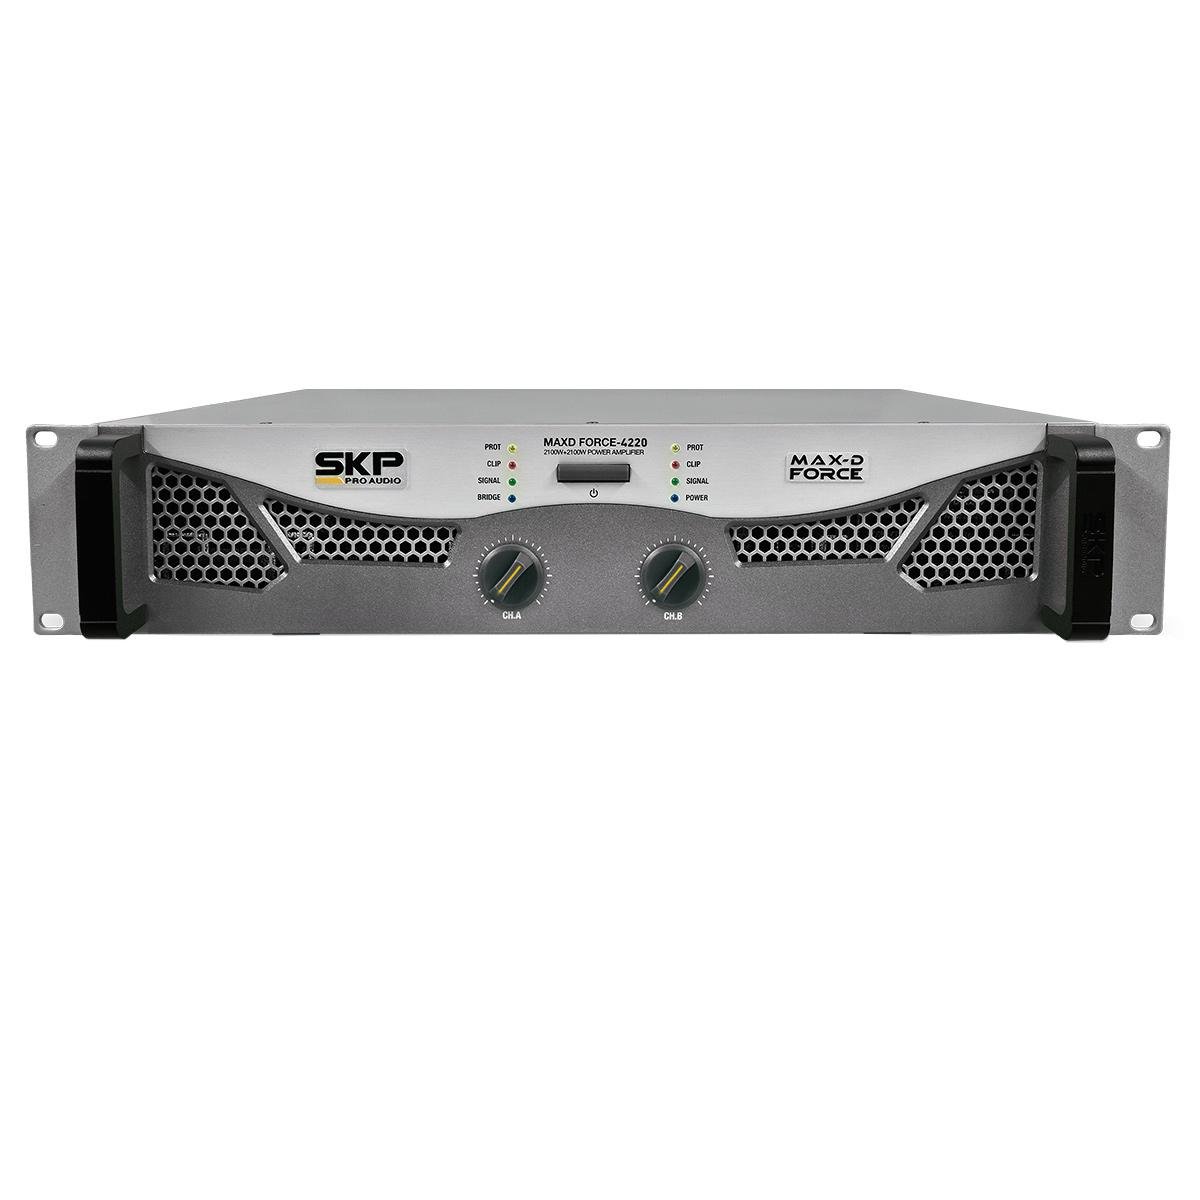 MAXDF4220 - Amplificador Estéreo 2 Canais 4200W MAXD Force 4220 - SKP